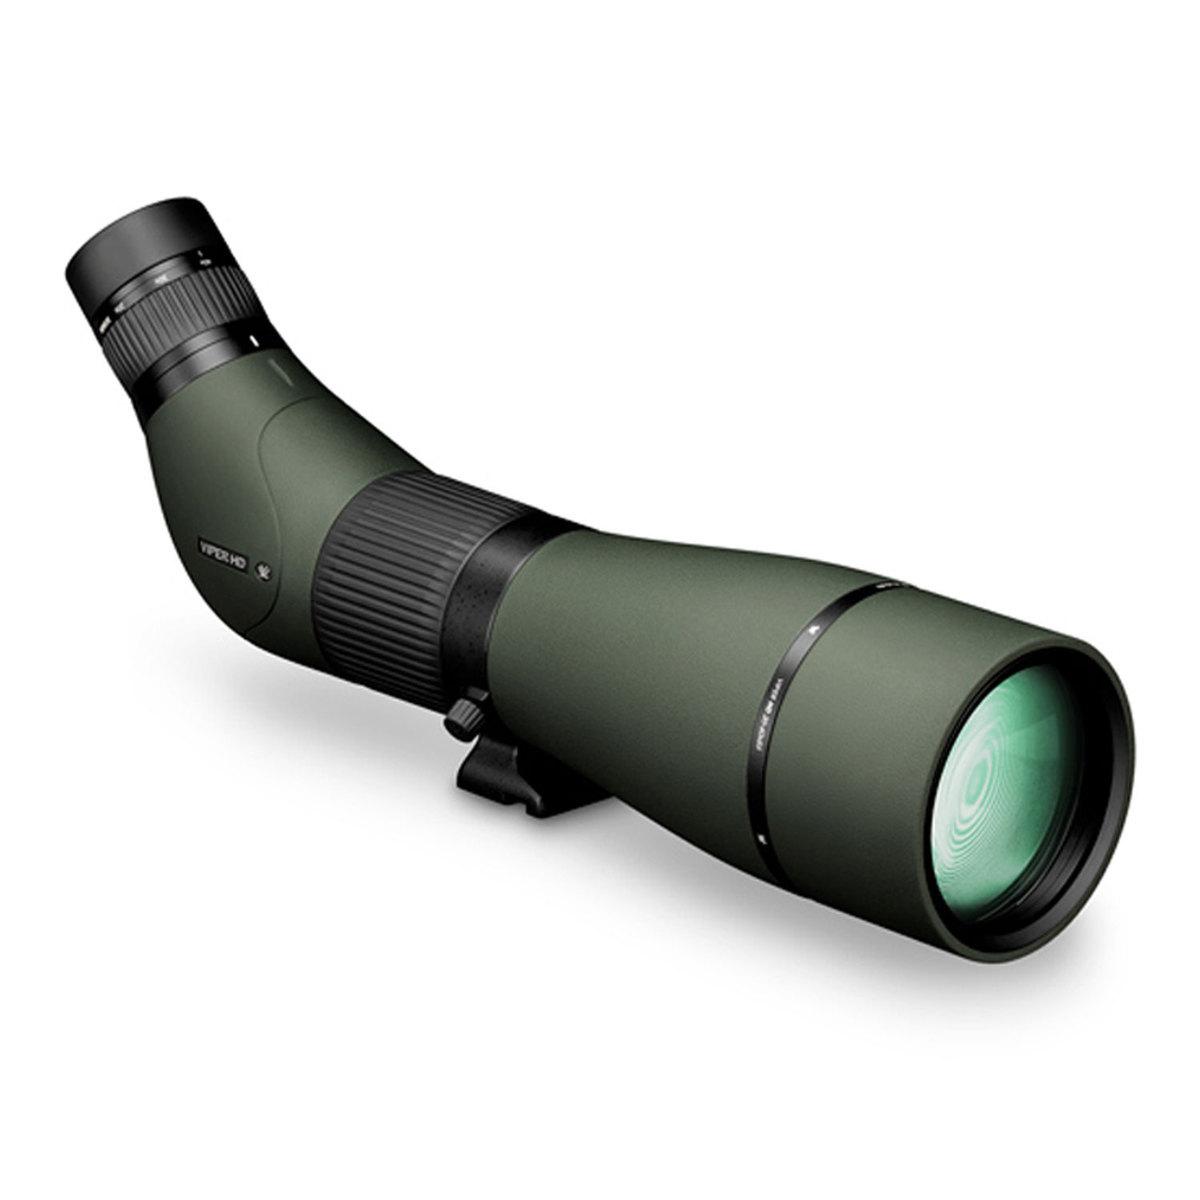 Vortex Viper HD Spotting Scope - 20-60x85